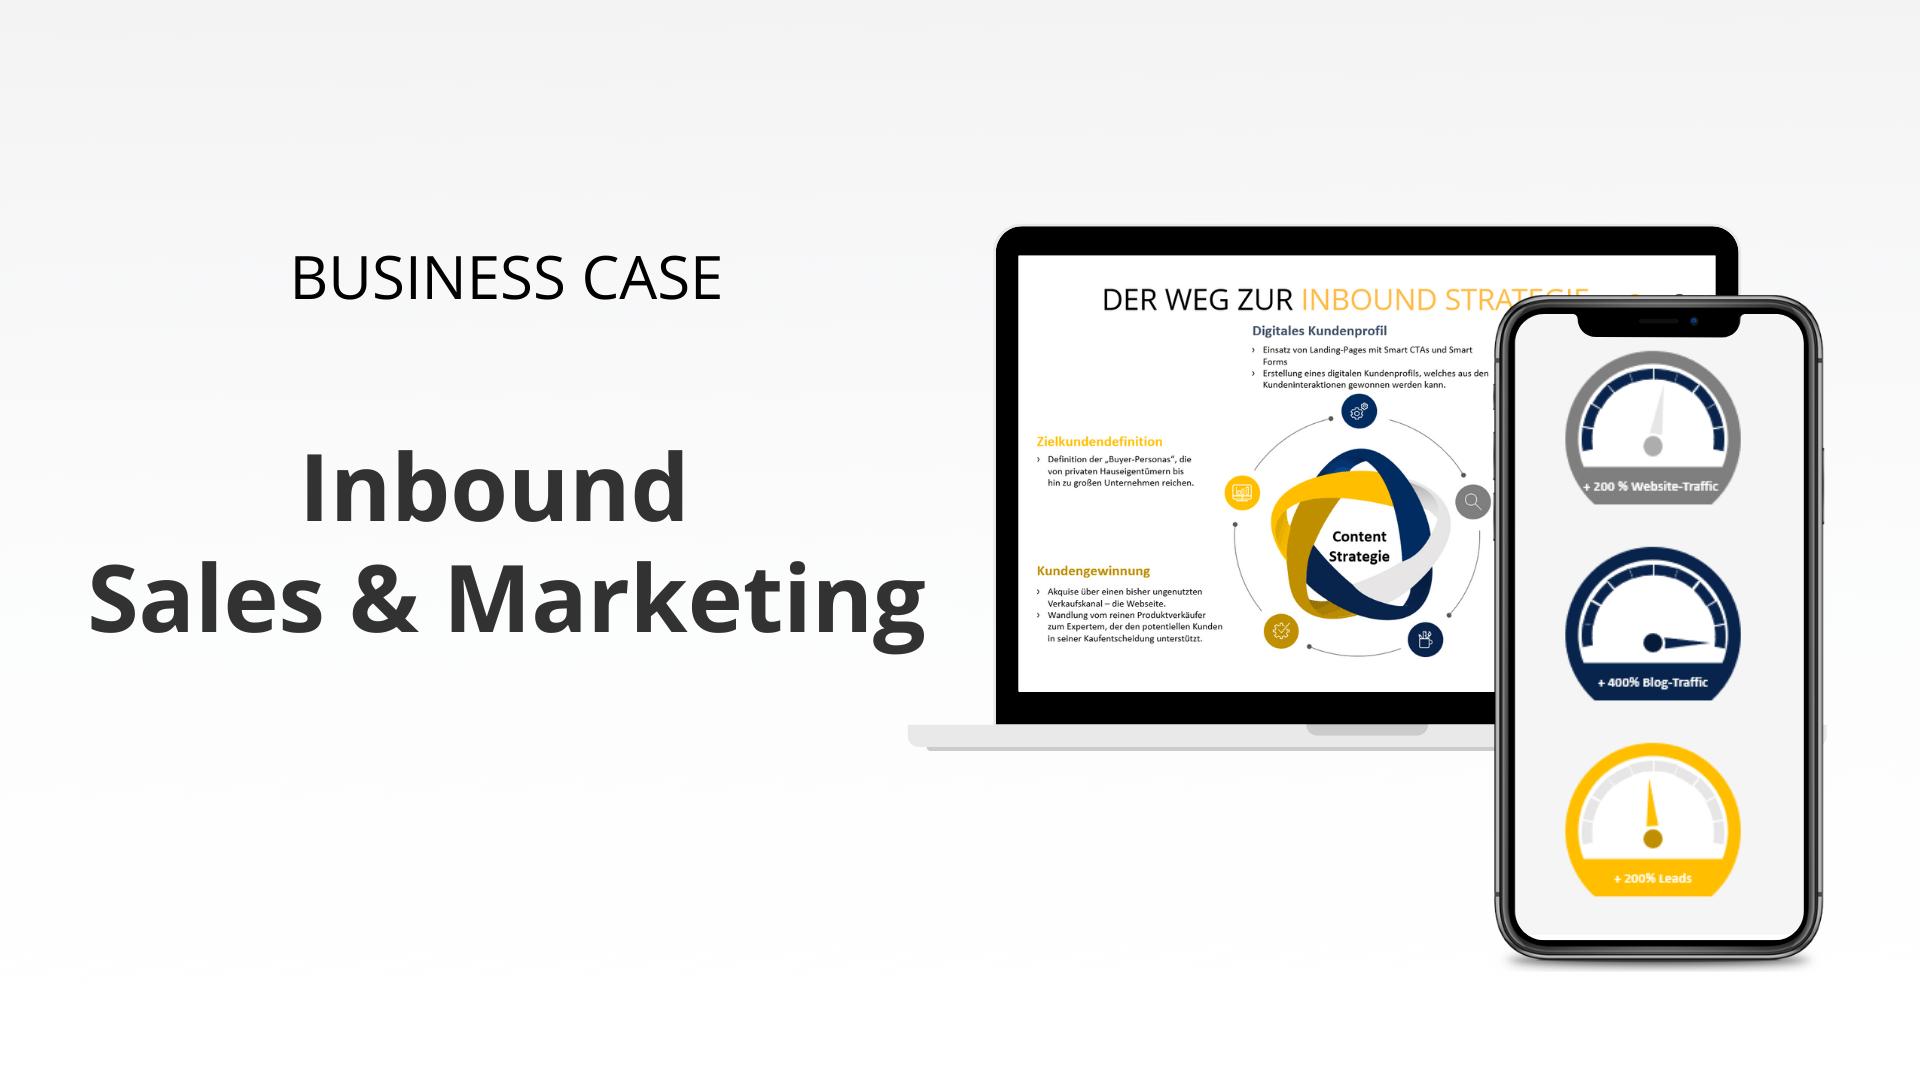 business-case-salessation-b2b-inbound-sales-and-marketing (1)